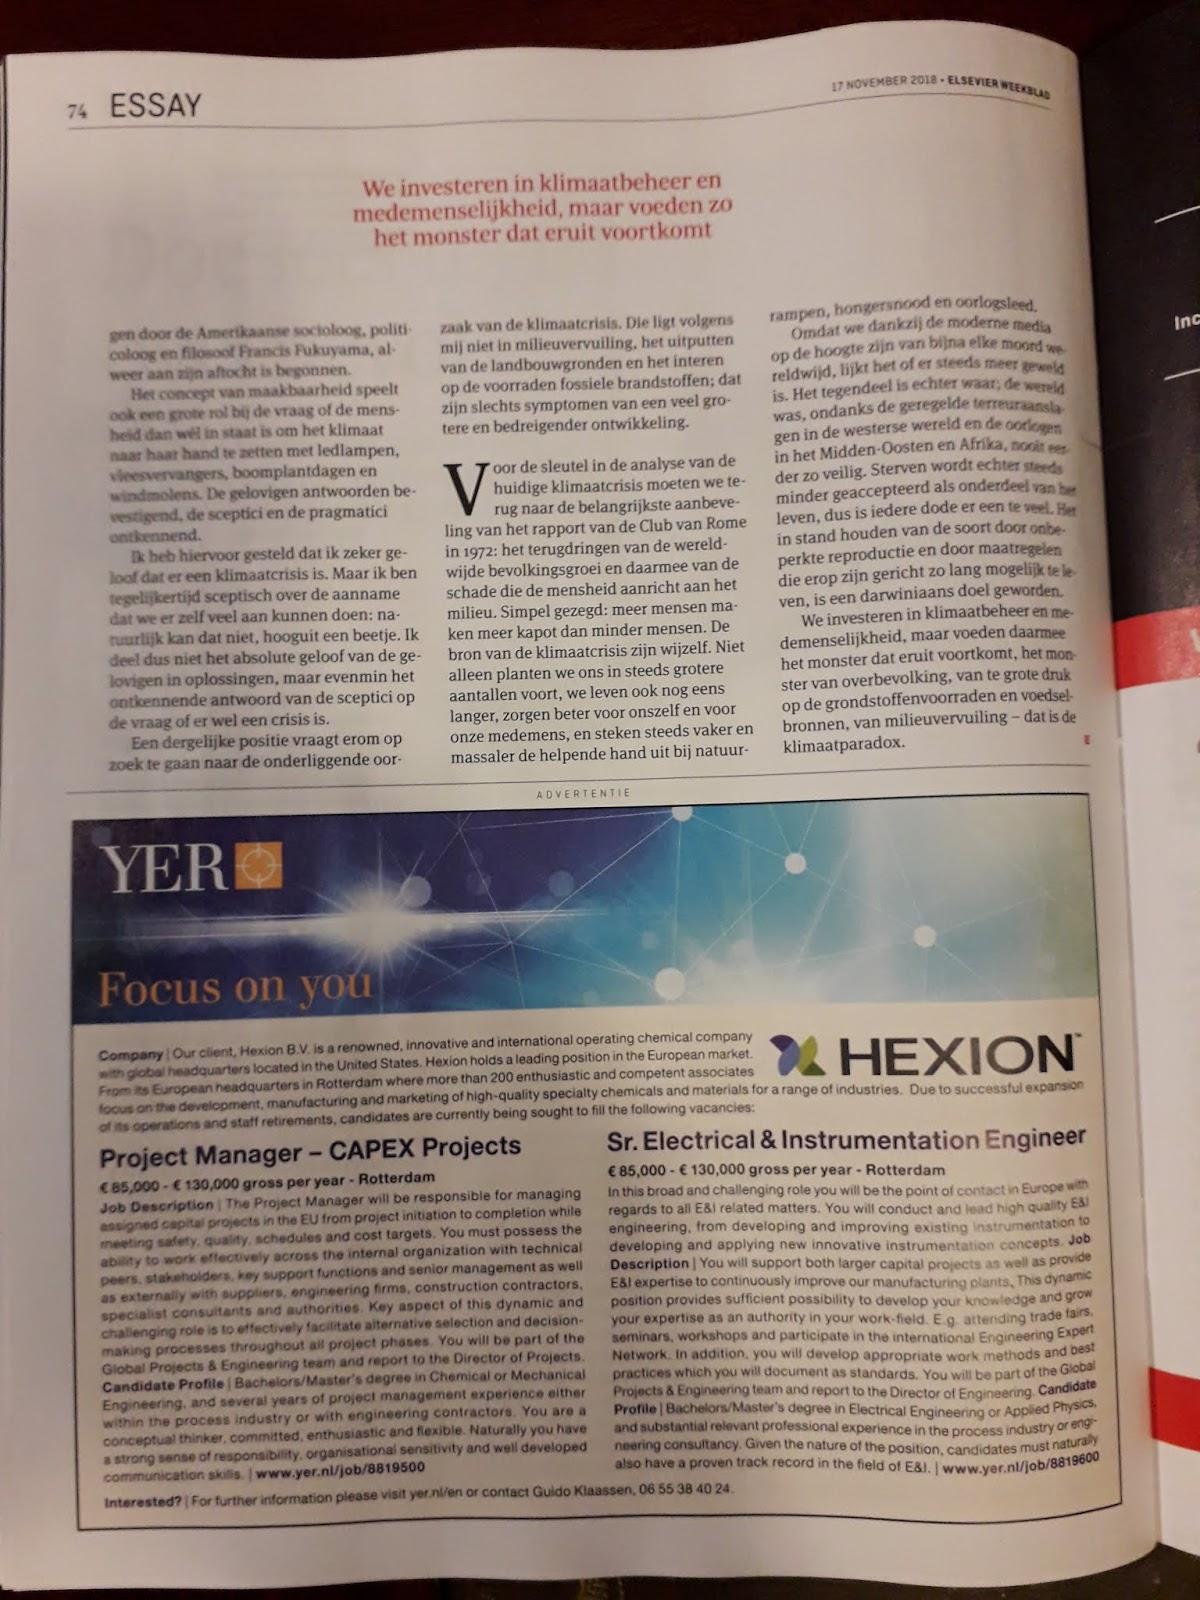 Elsevier Weekblad, De Klimaatparadox, Peter van Druenen